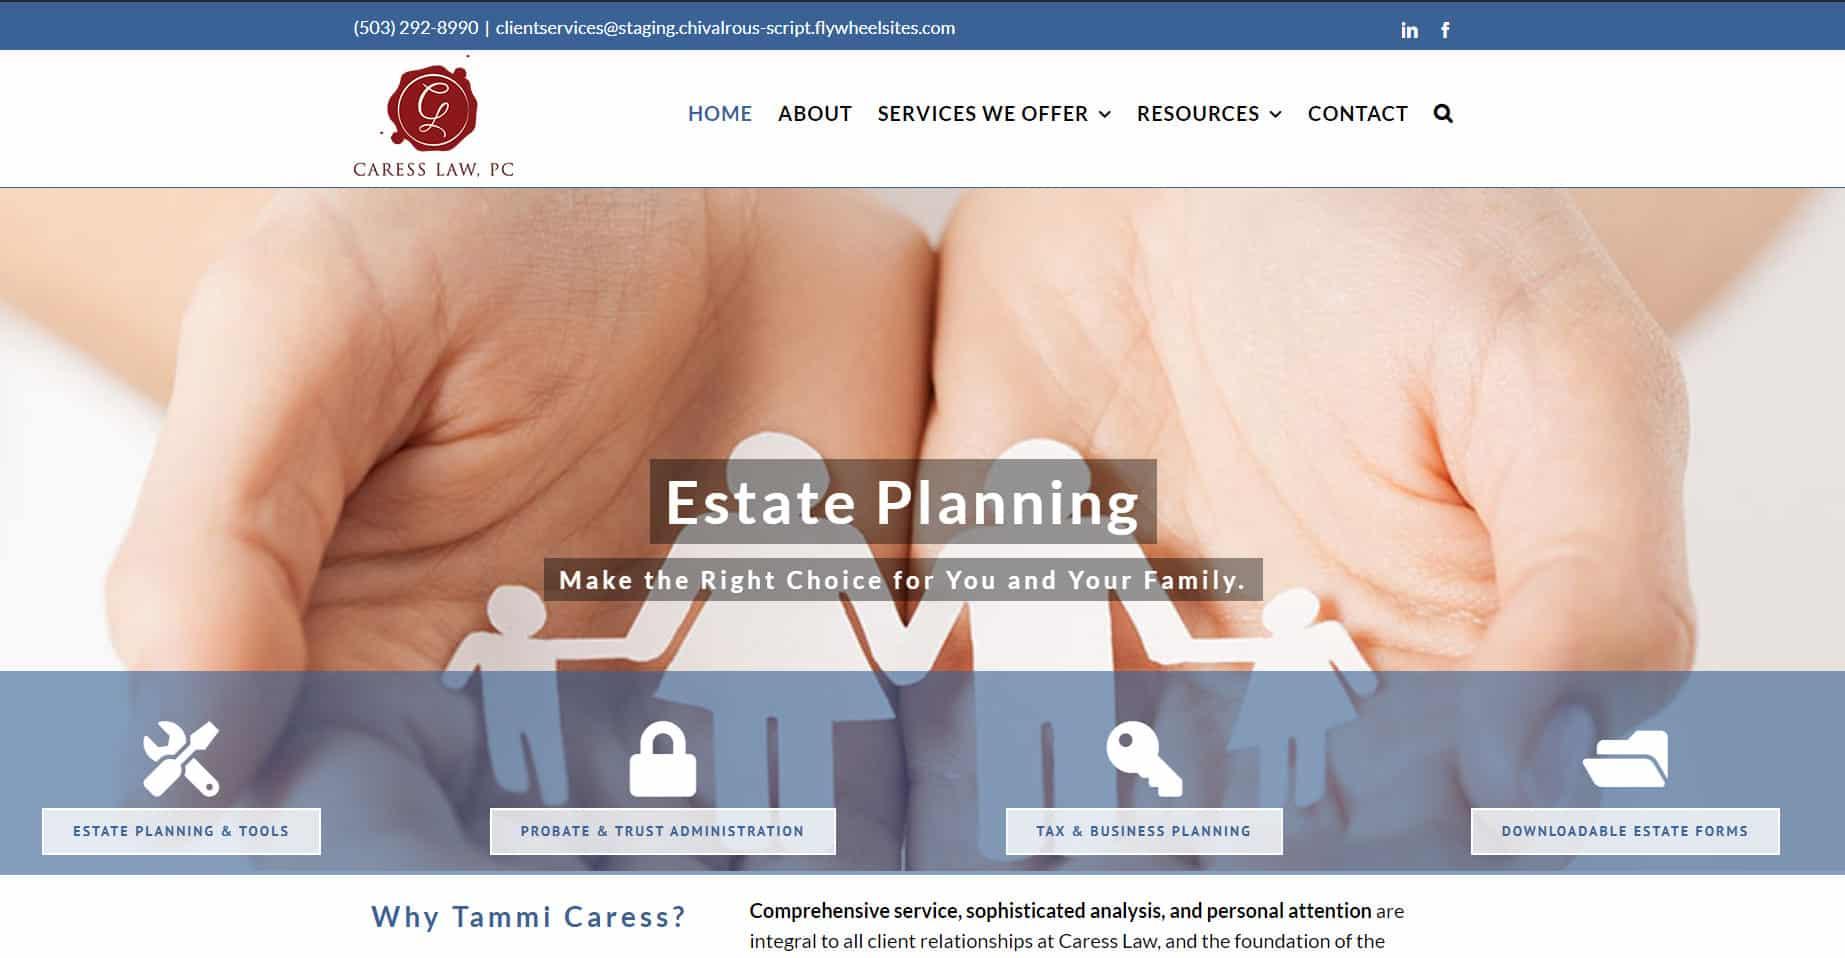 Caress_Law Service Based Websites